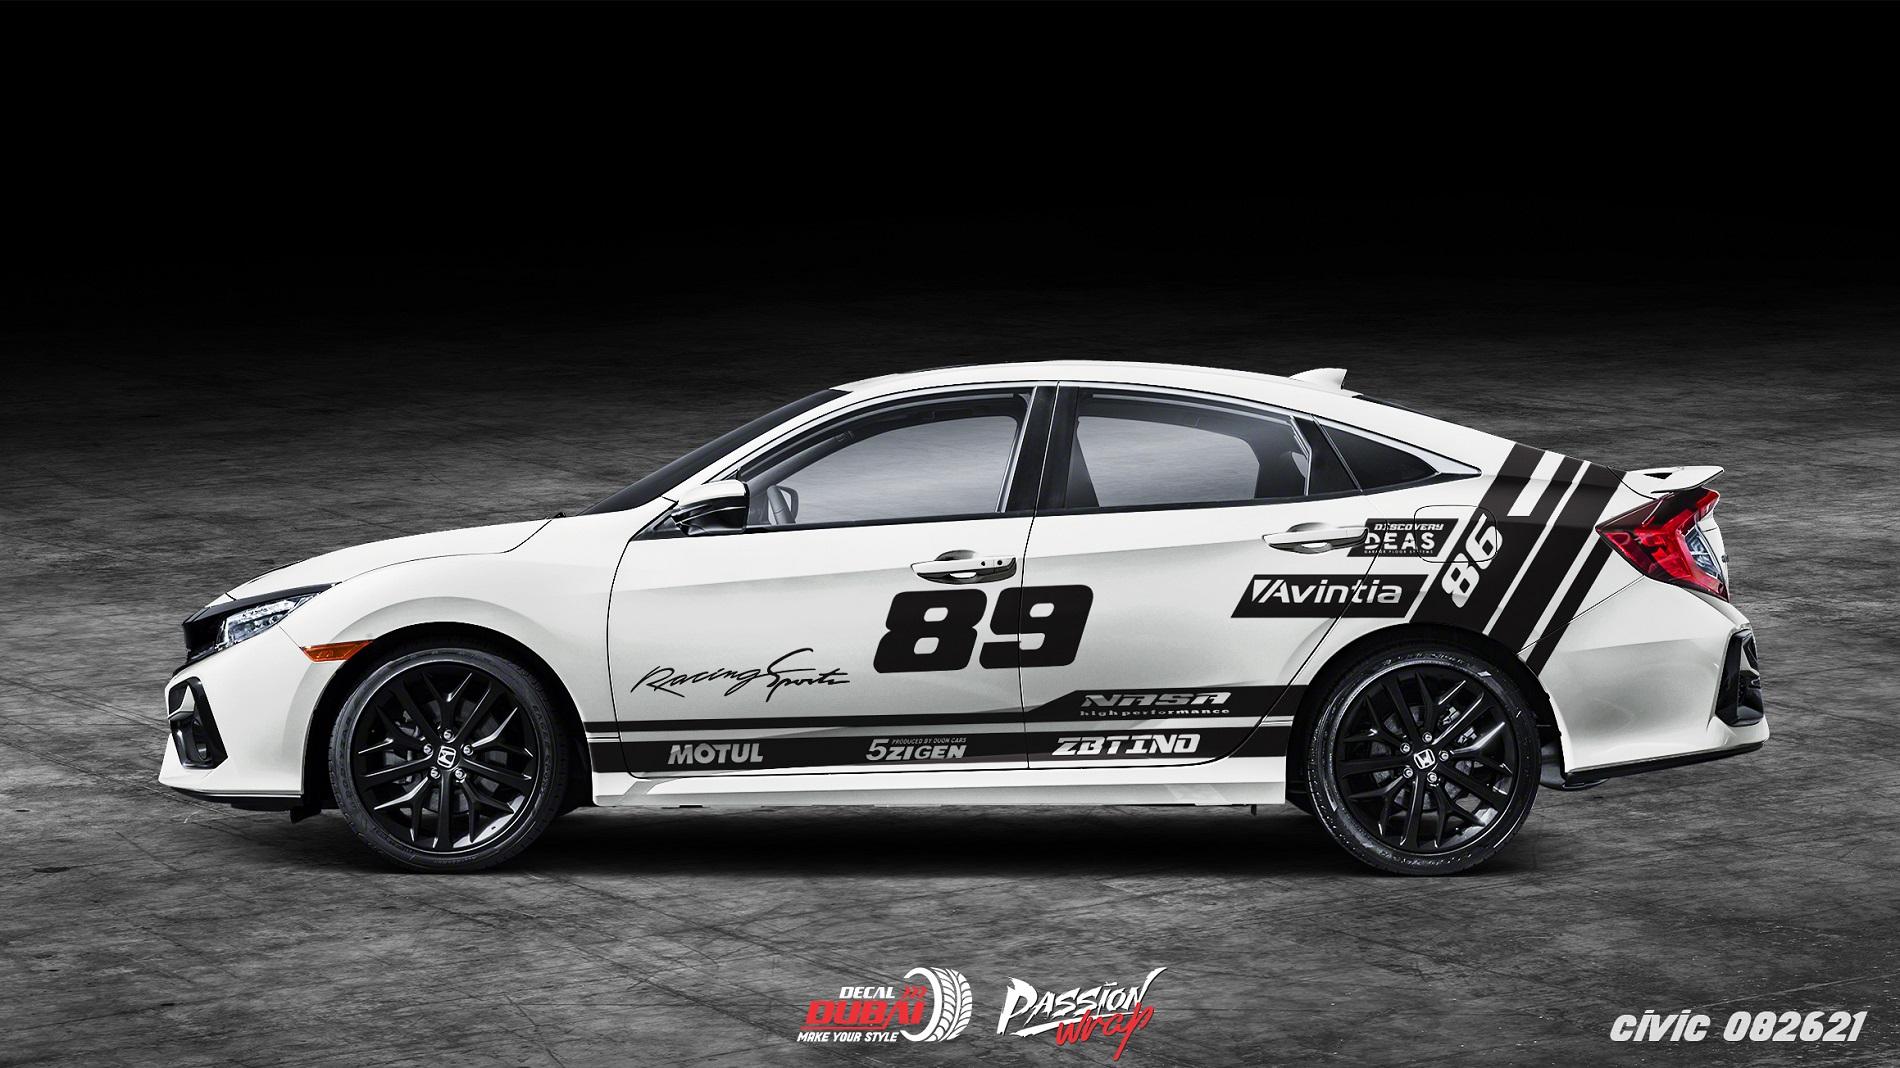 Tem-Xe-Honda-Civic-082621-850k